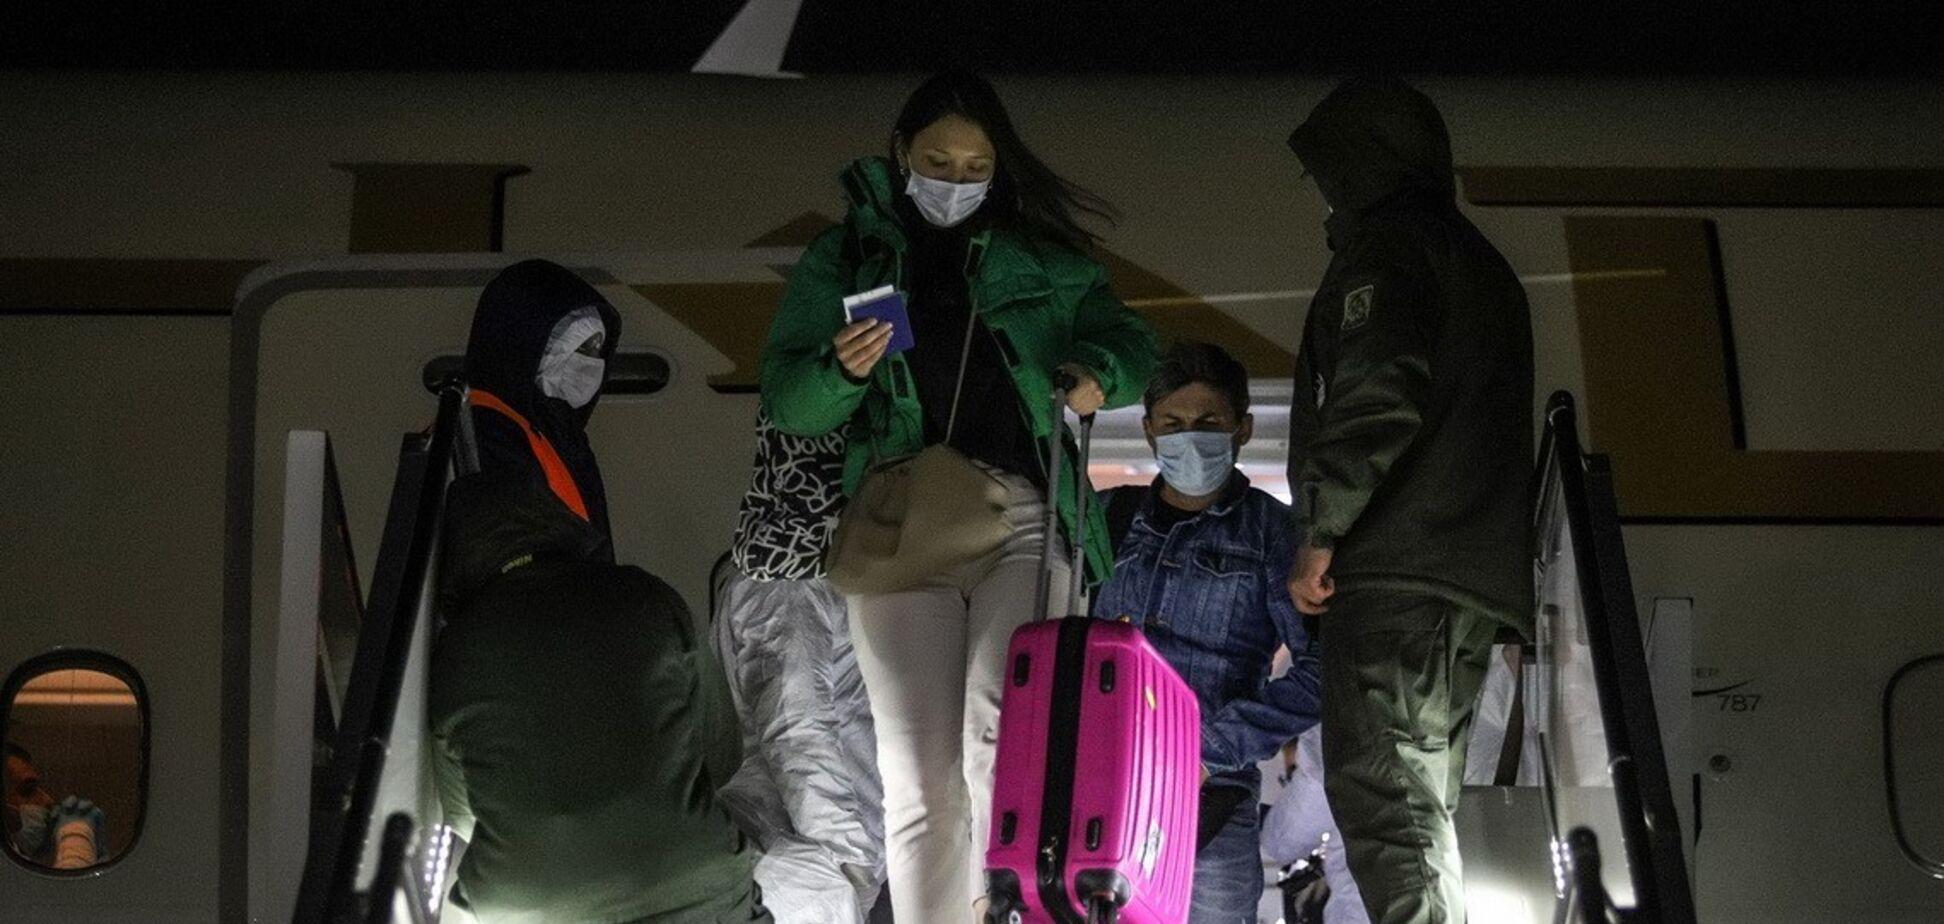 Літаком з ОАЕ 113 громадян повернулися в Україну